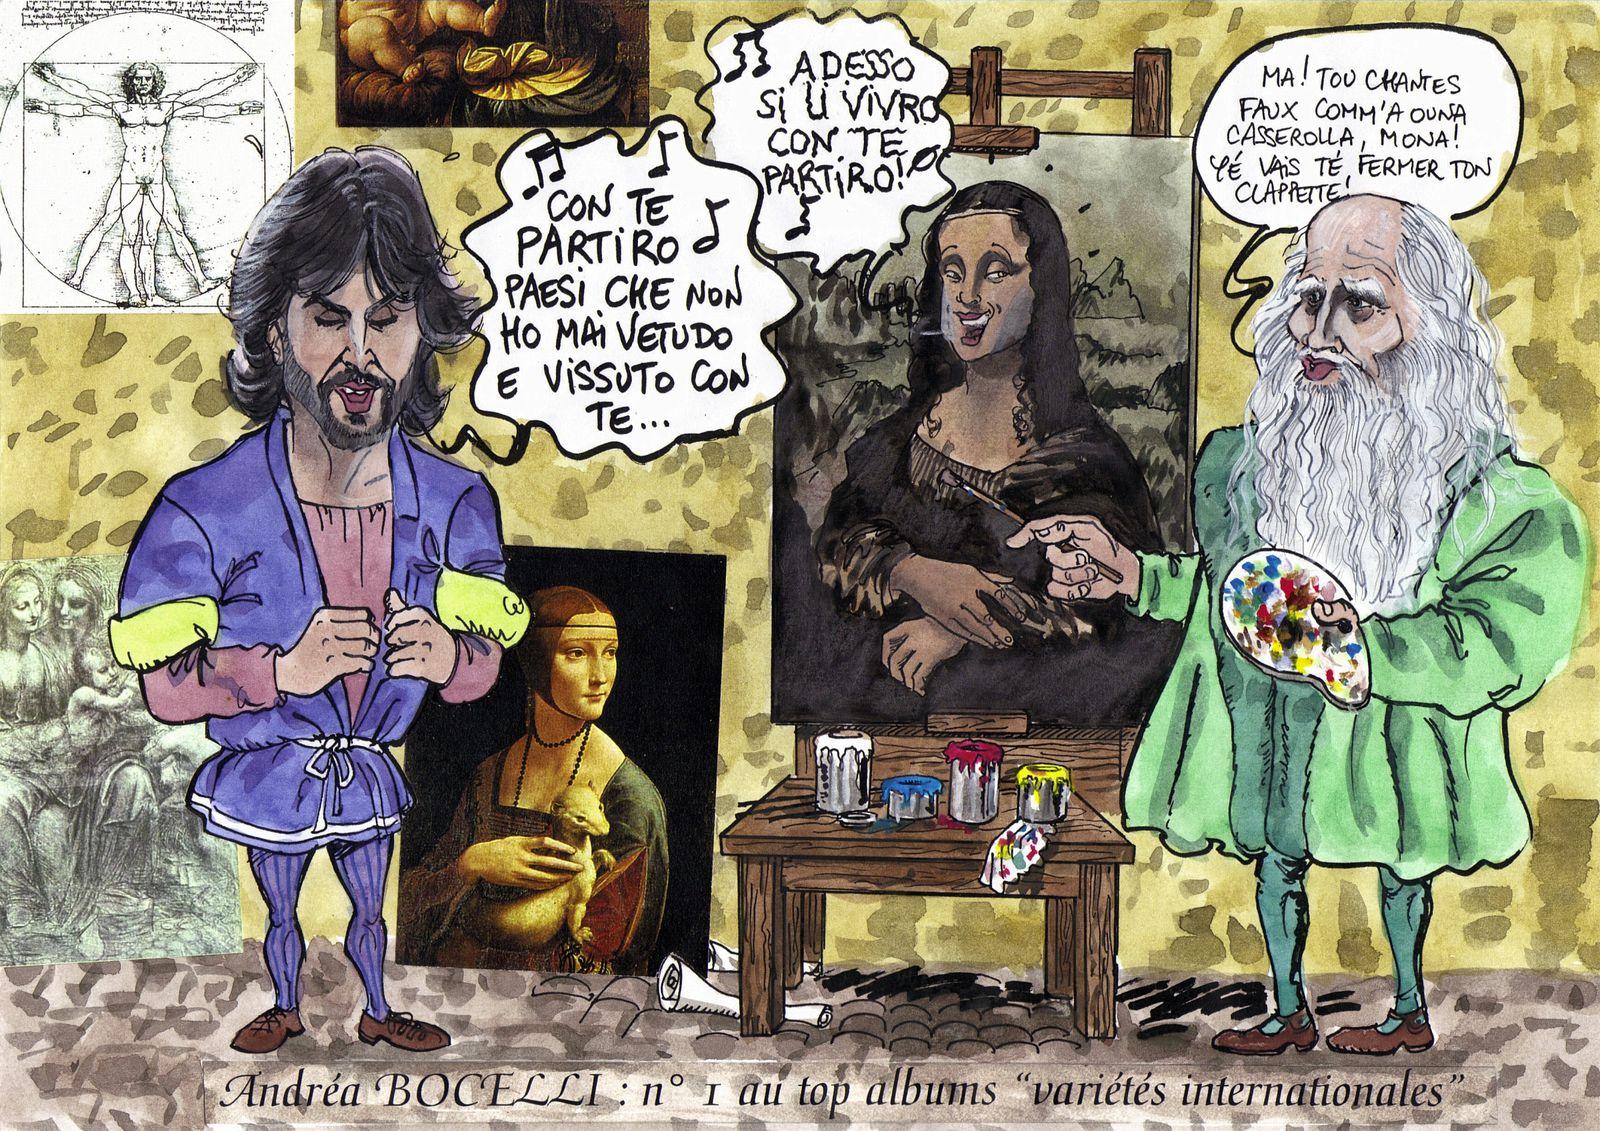 Andrea Bocelli et léonard de Vinci